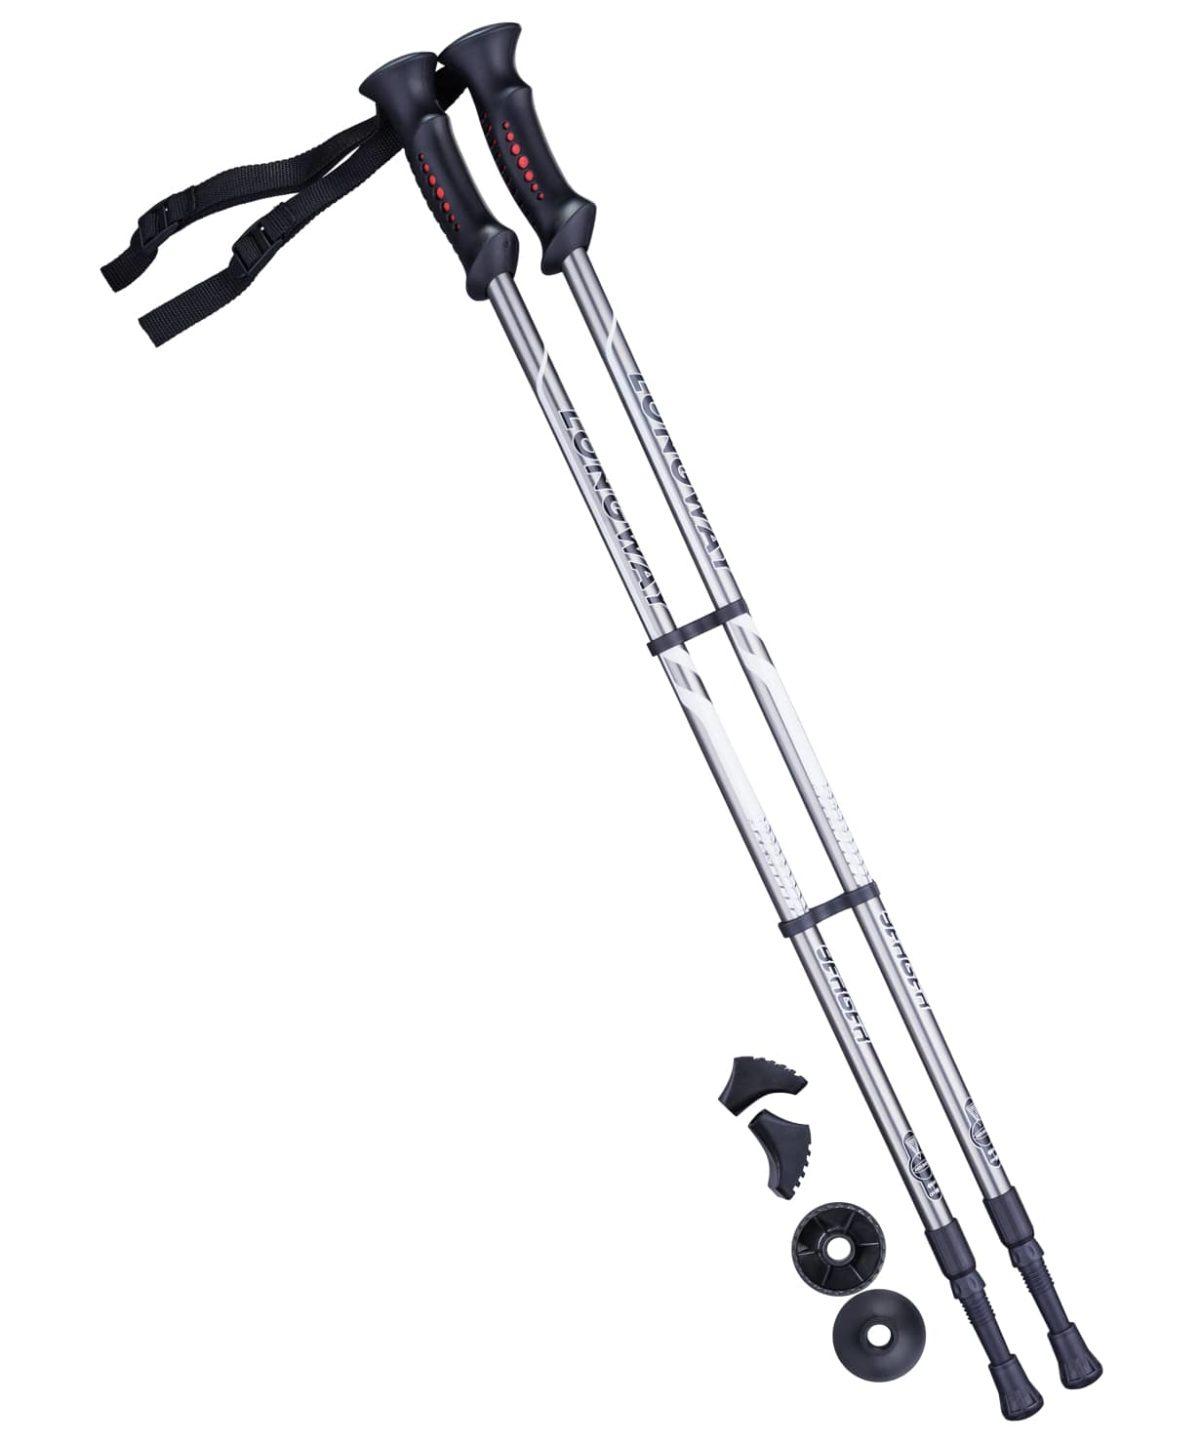 BERGER Longway Палки для скандинавской ходьбы  77-135 см.: серый/черный - 1